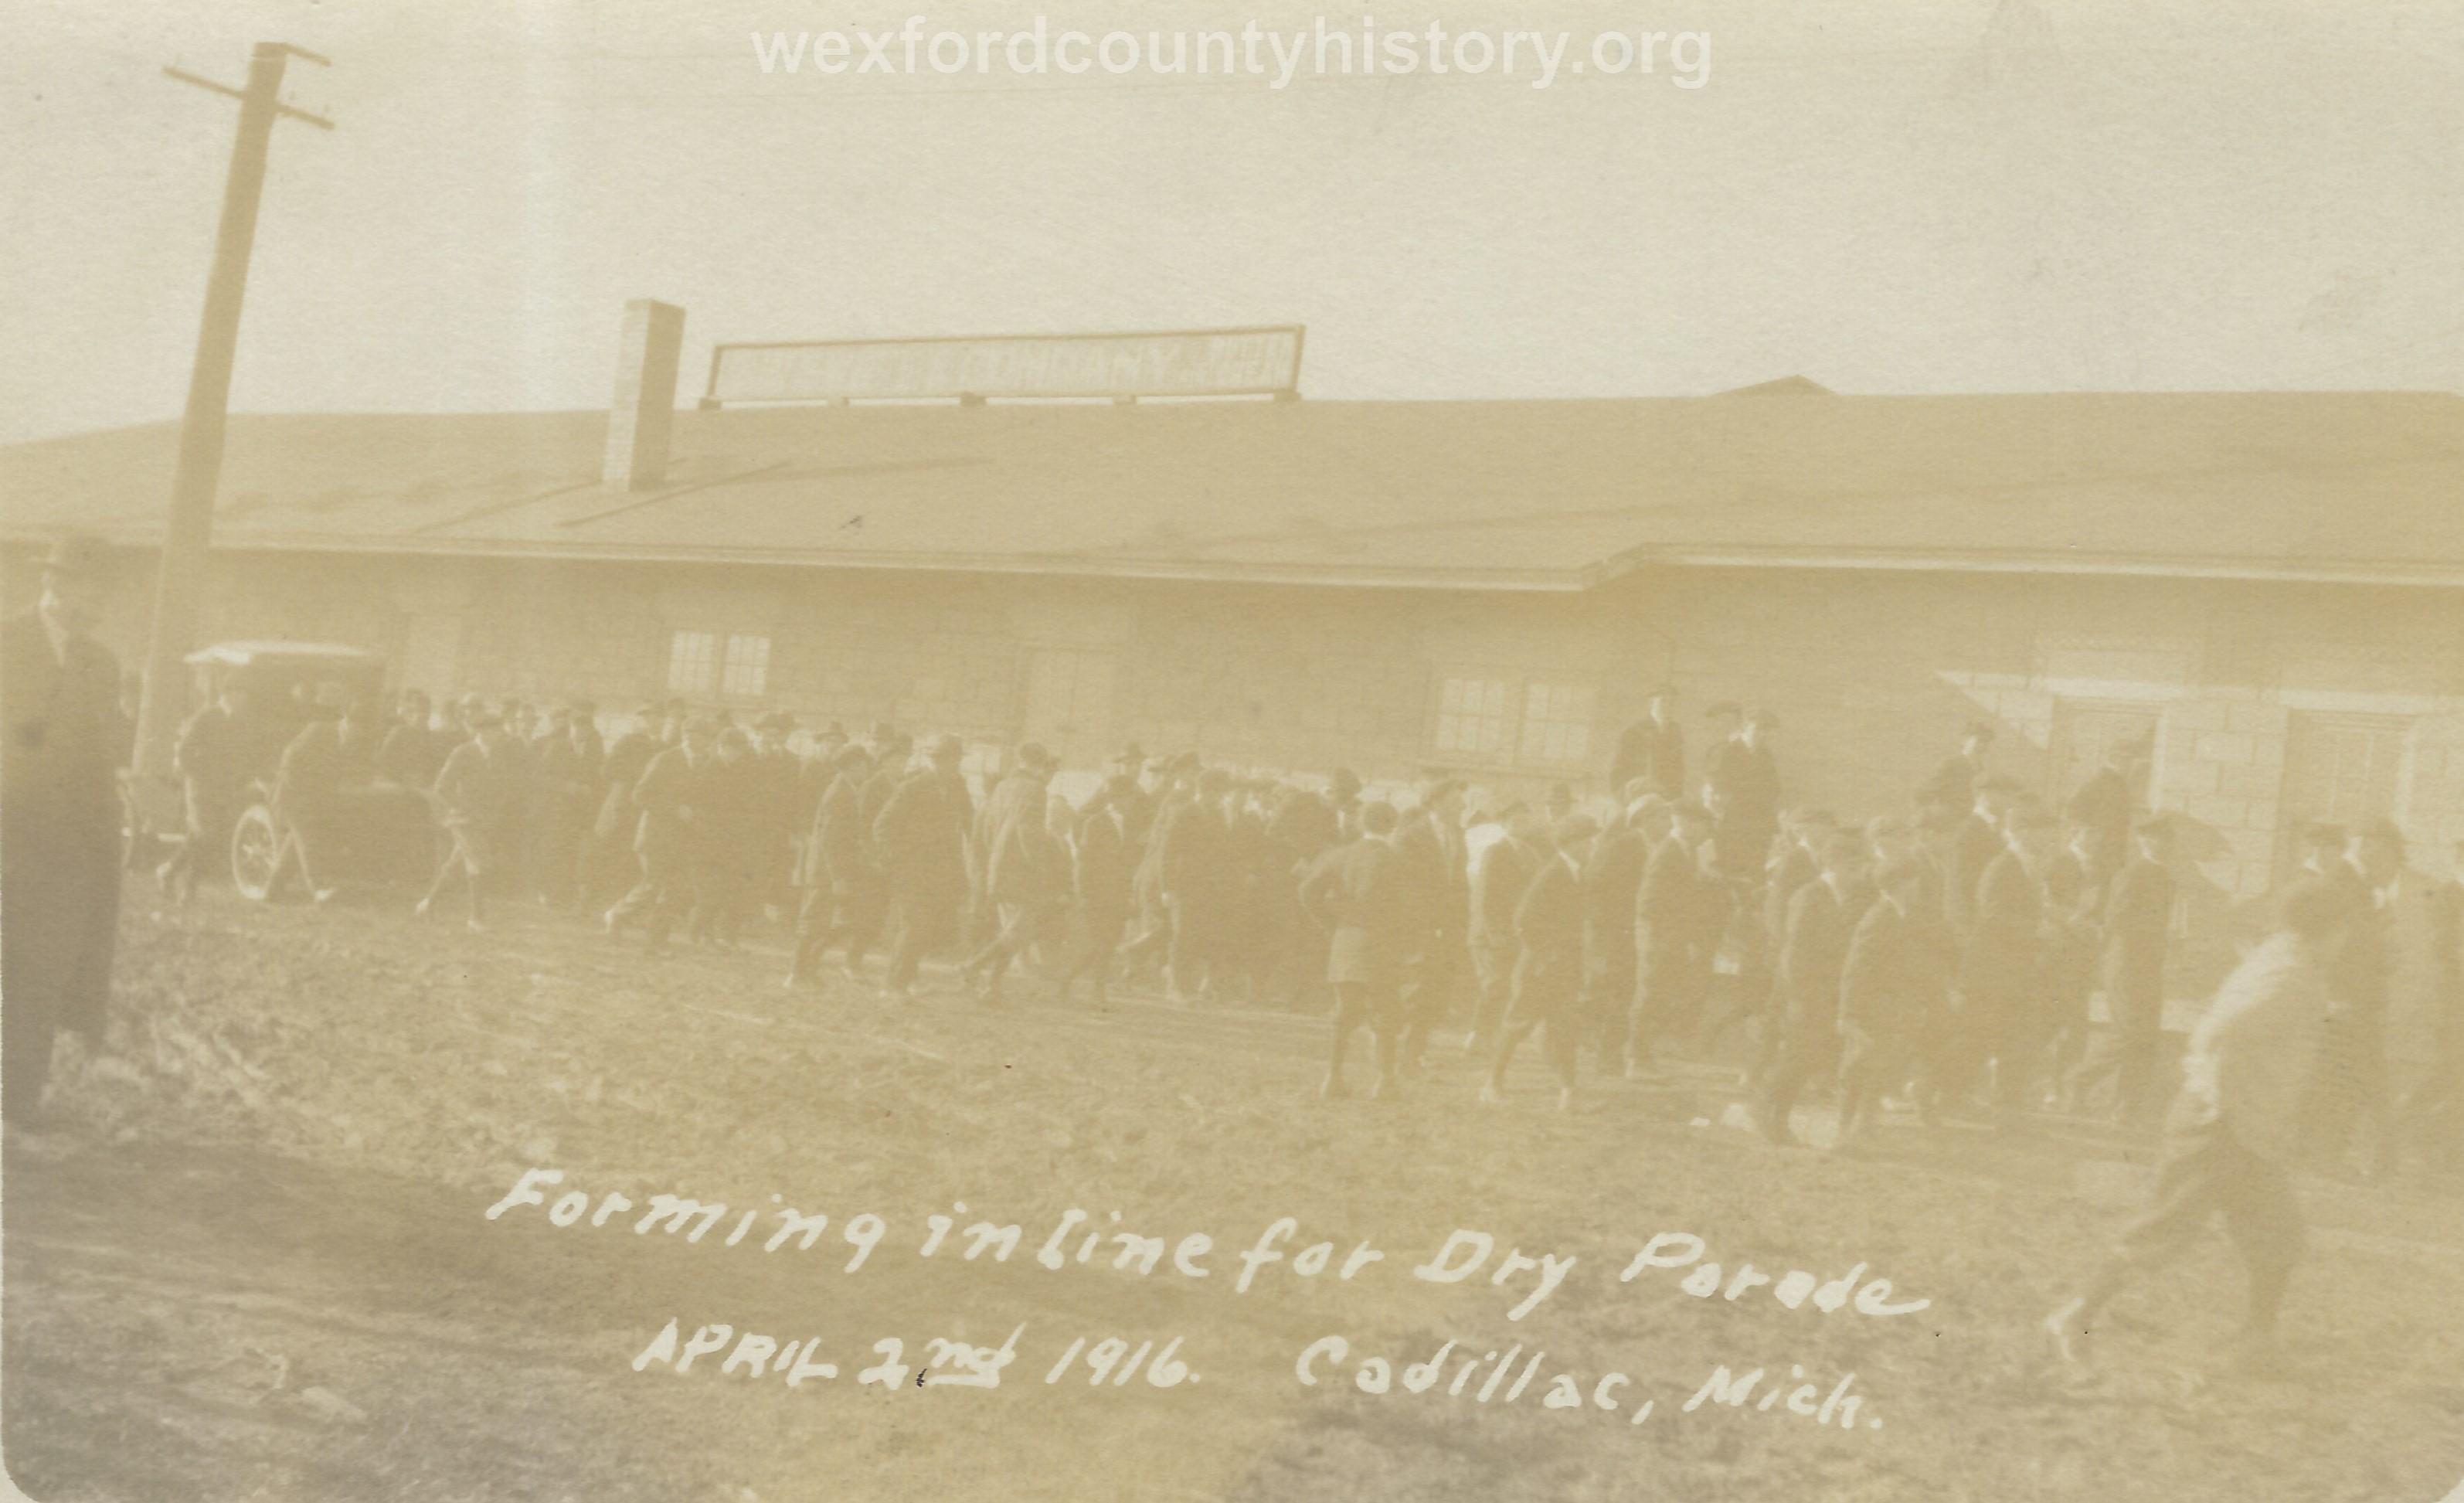 Cadillac-Parade-1916.04.02-Dry-Parade